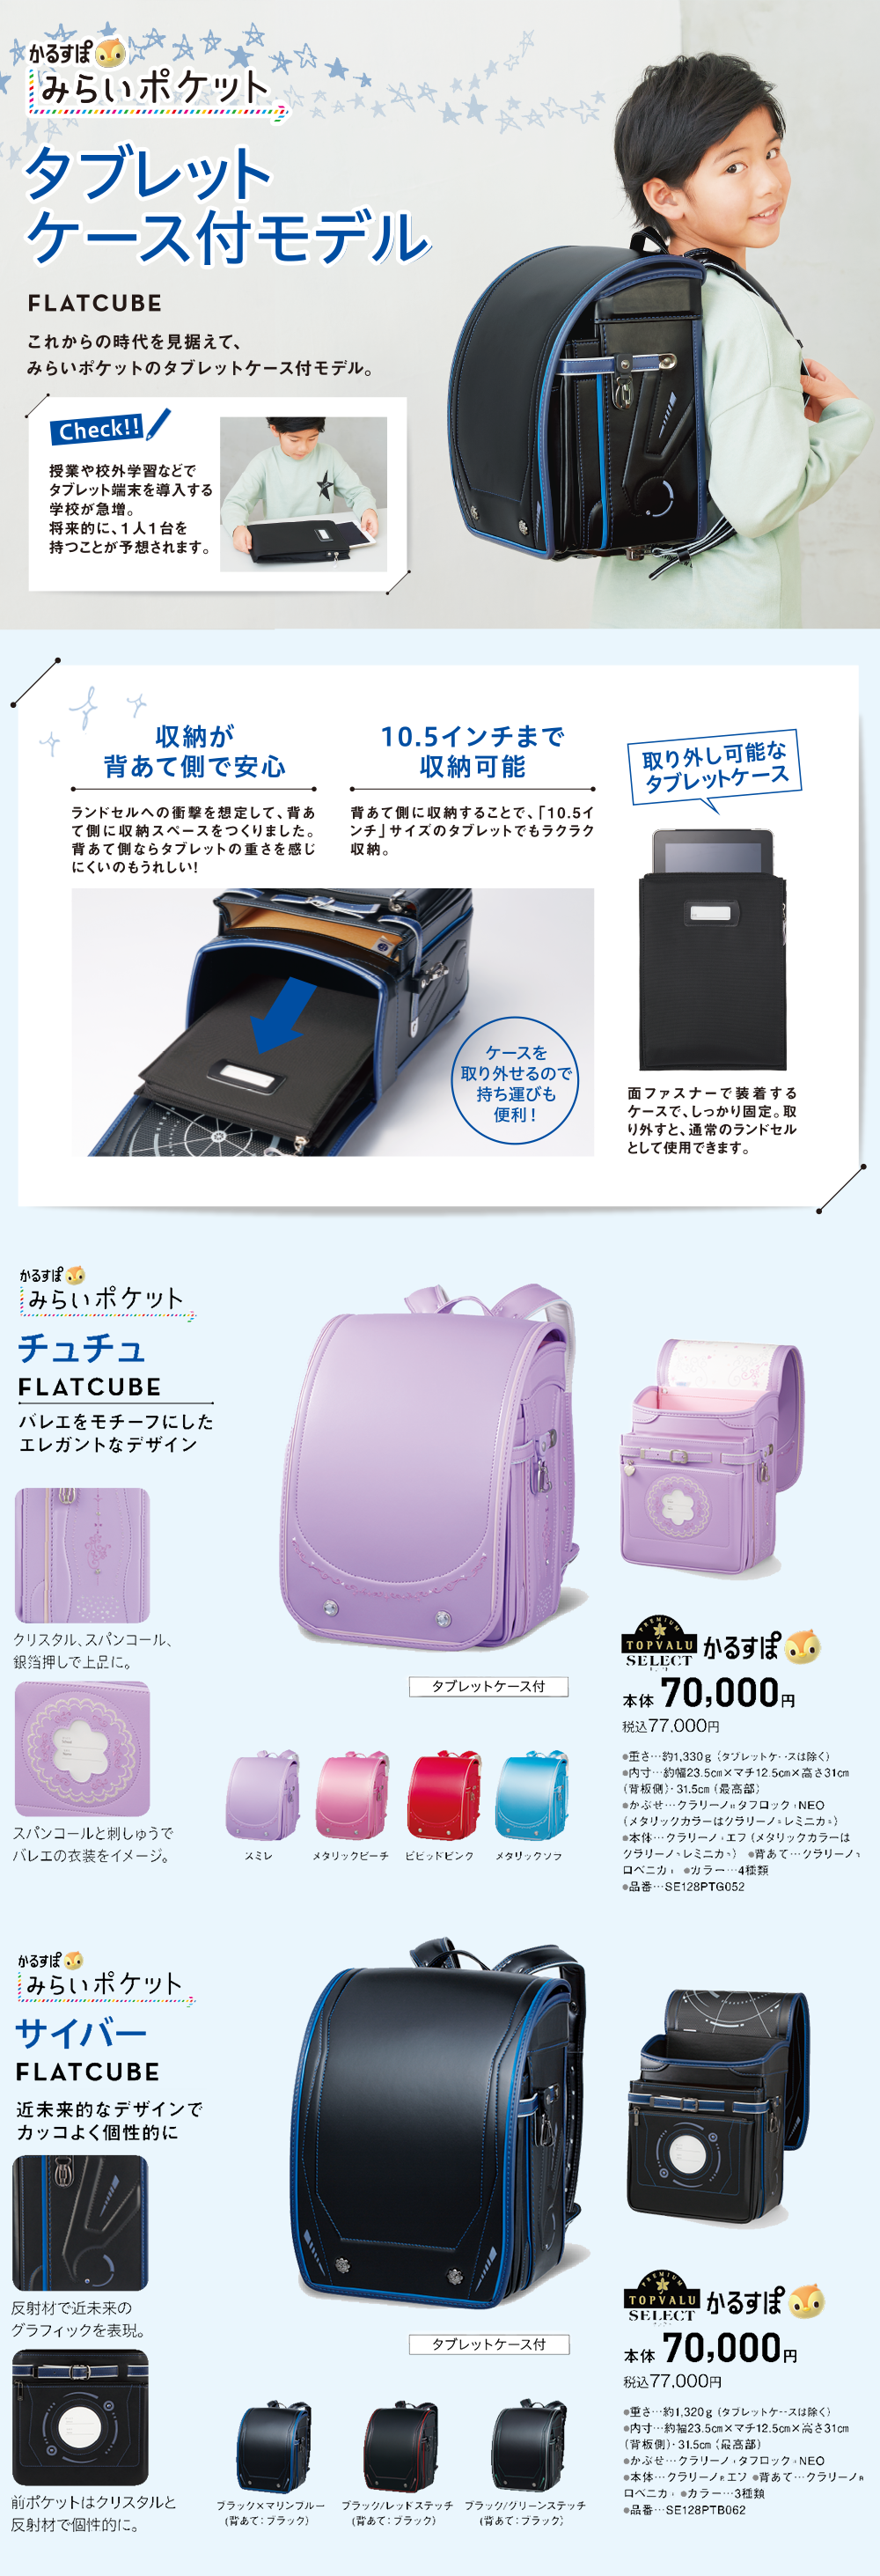 みらいポケット タブレットケース付き軽量モデル